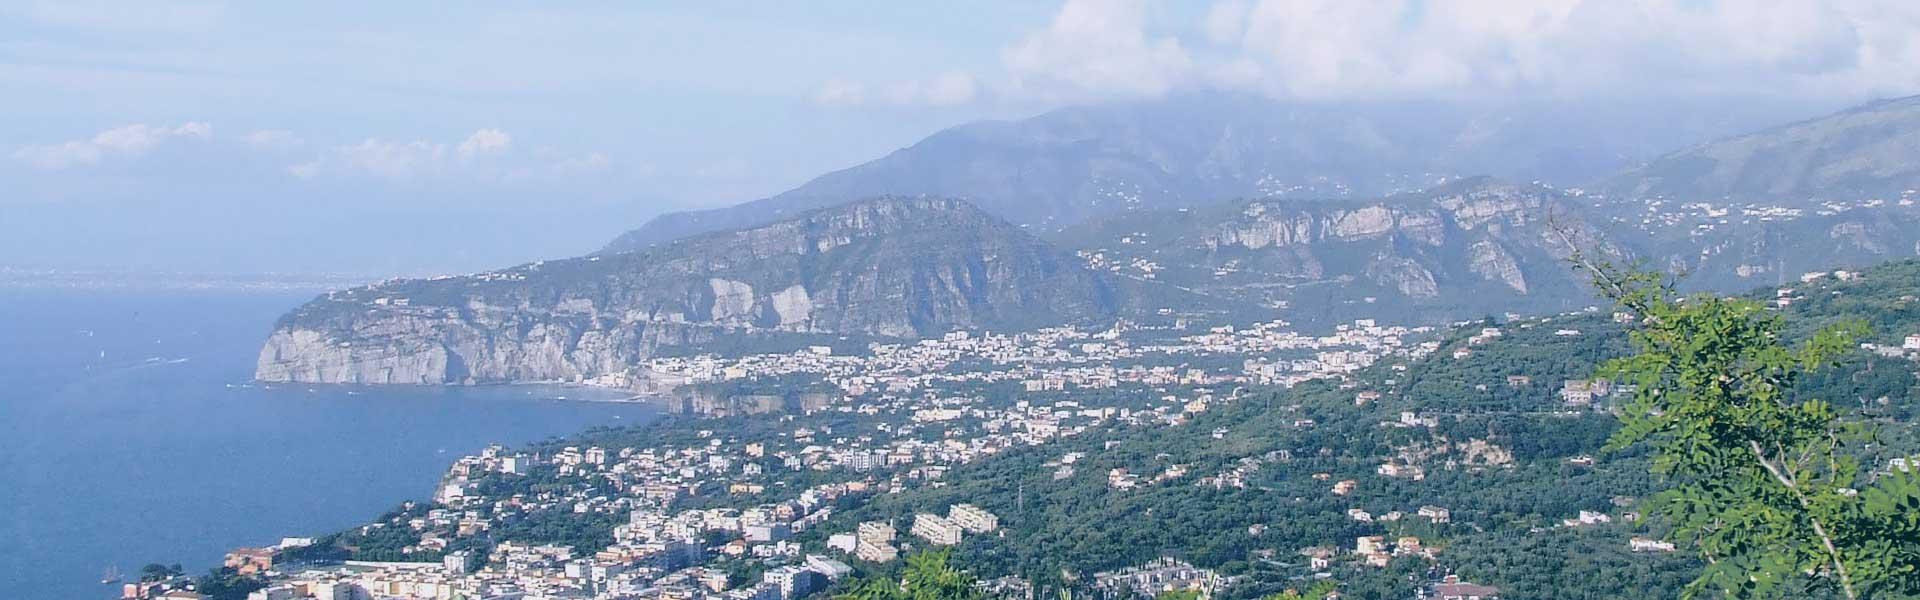 September in Sorrento